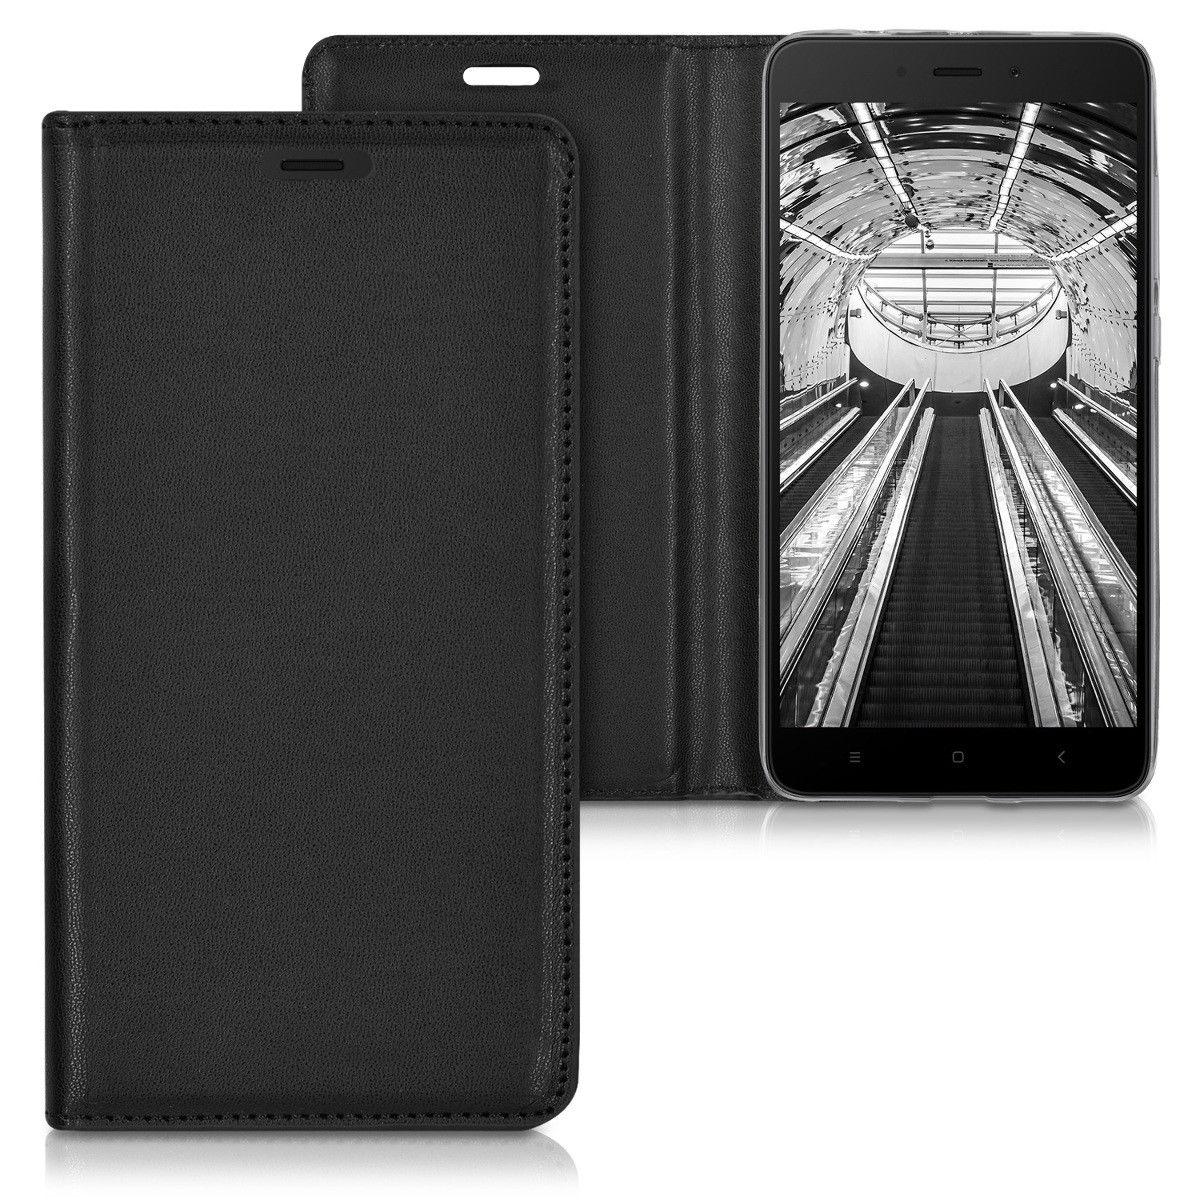 Pouzdro FLIP pro Xiaomi Redmi Note 4 Global černé